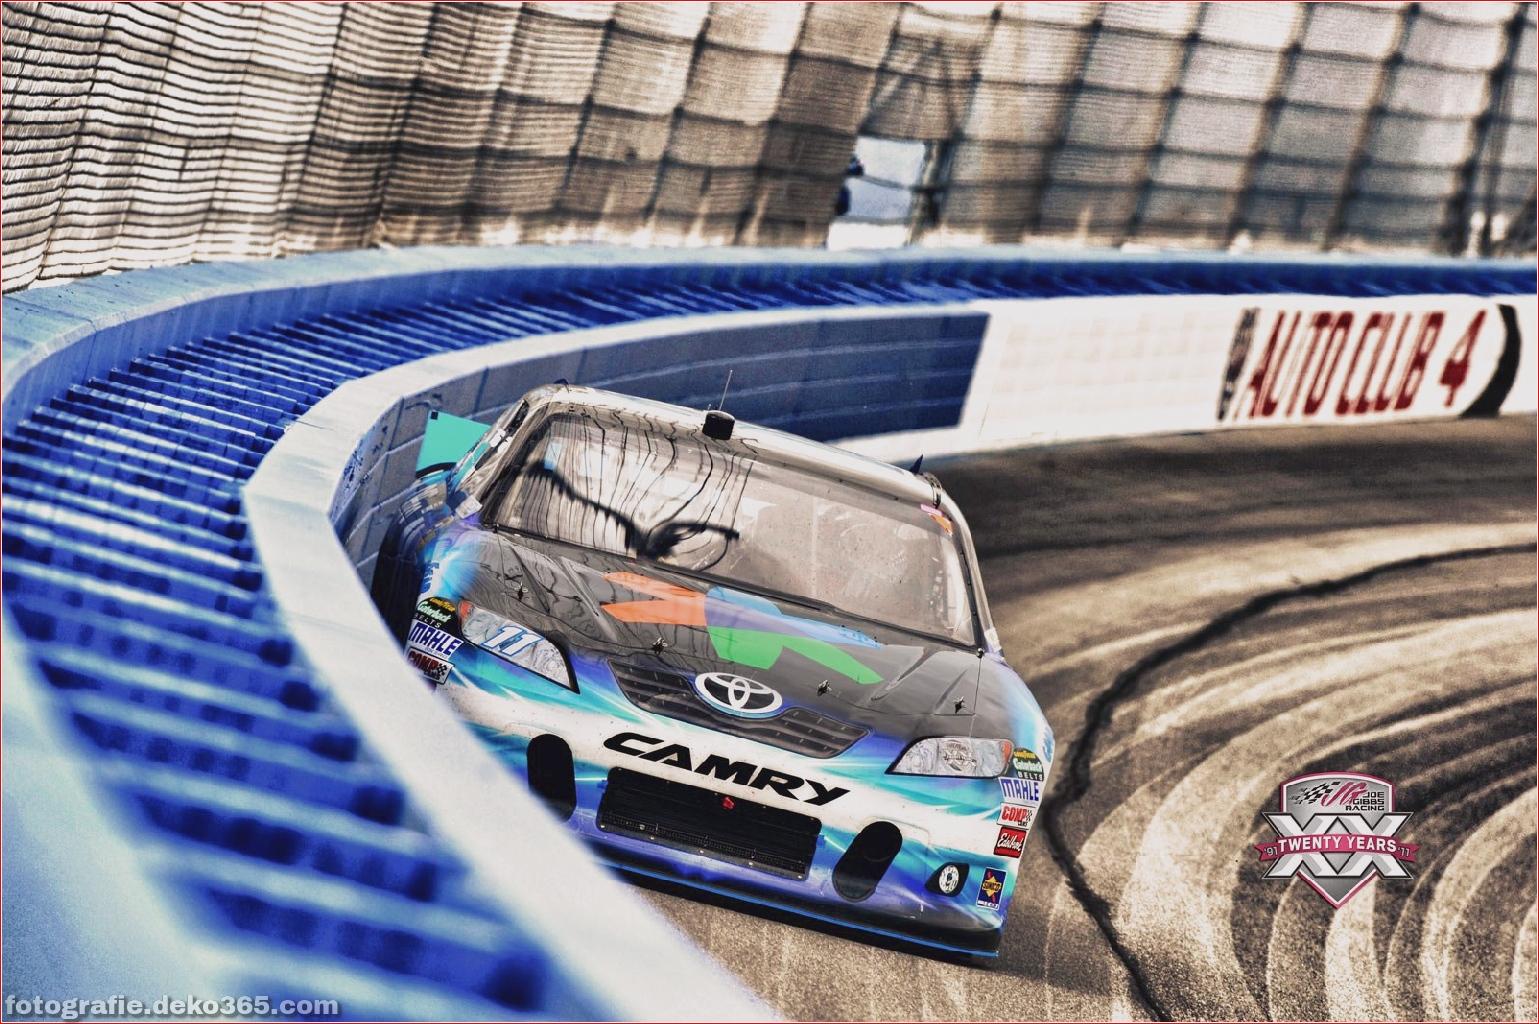 Schöne NASCAR-Hintergründe_5c8ffe5c78c78.jpg